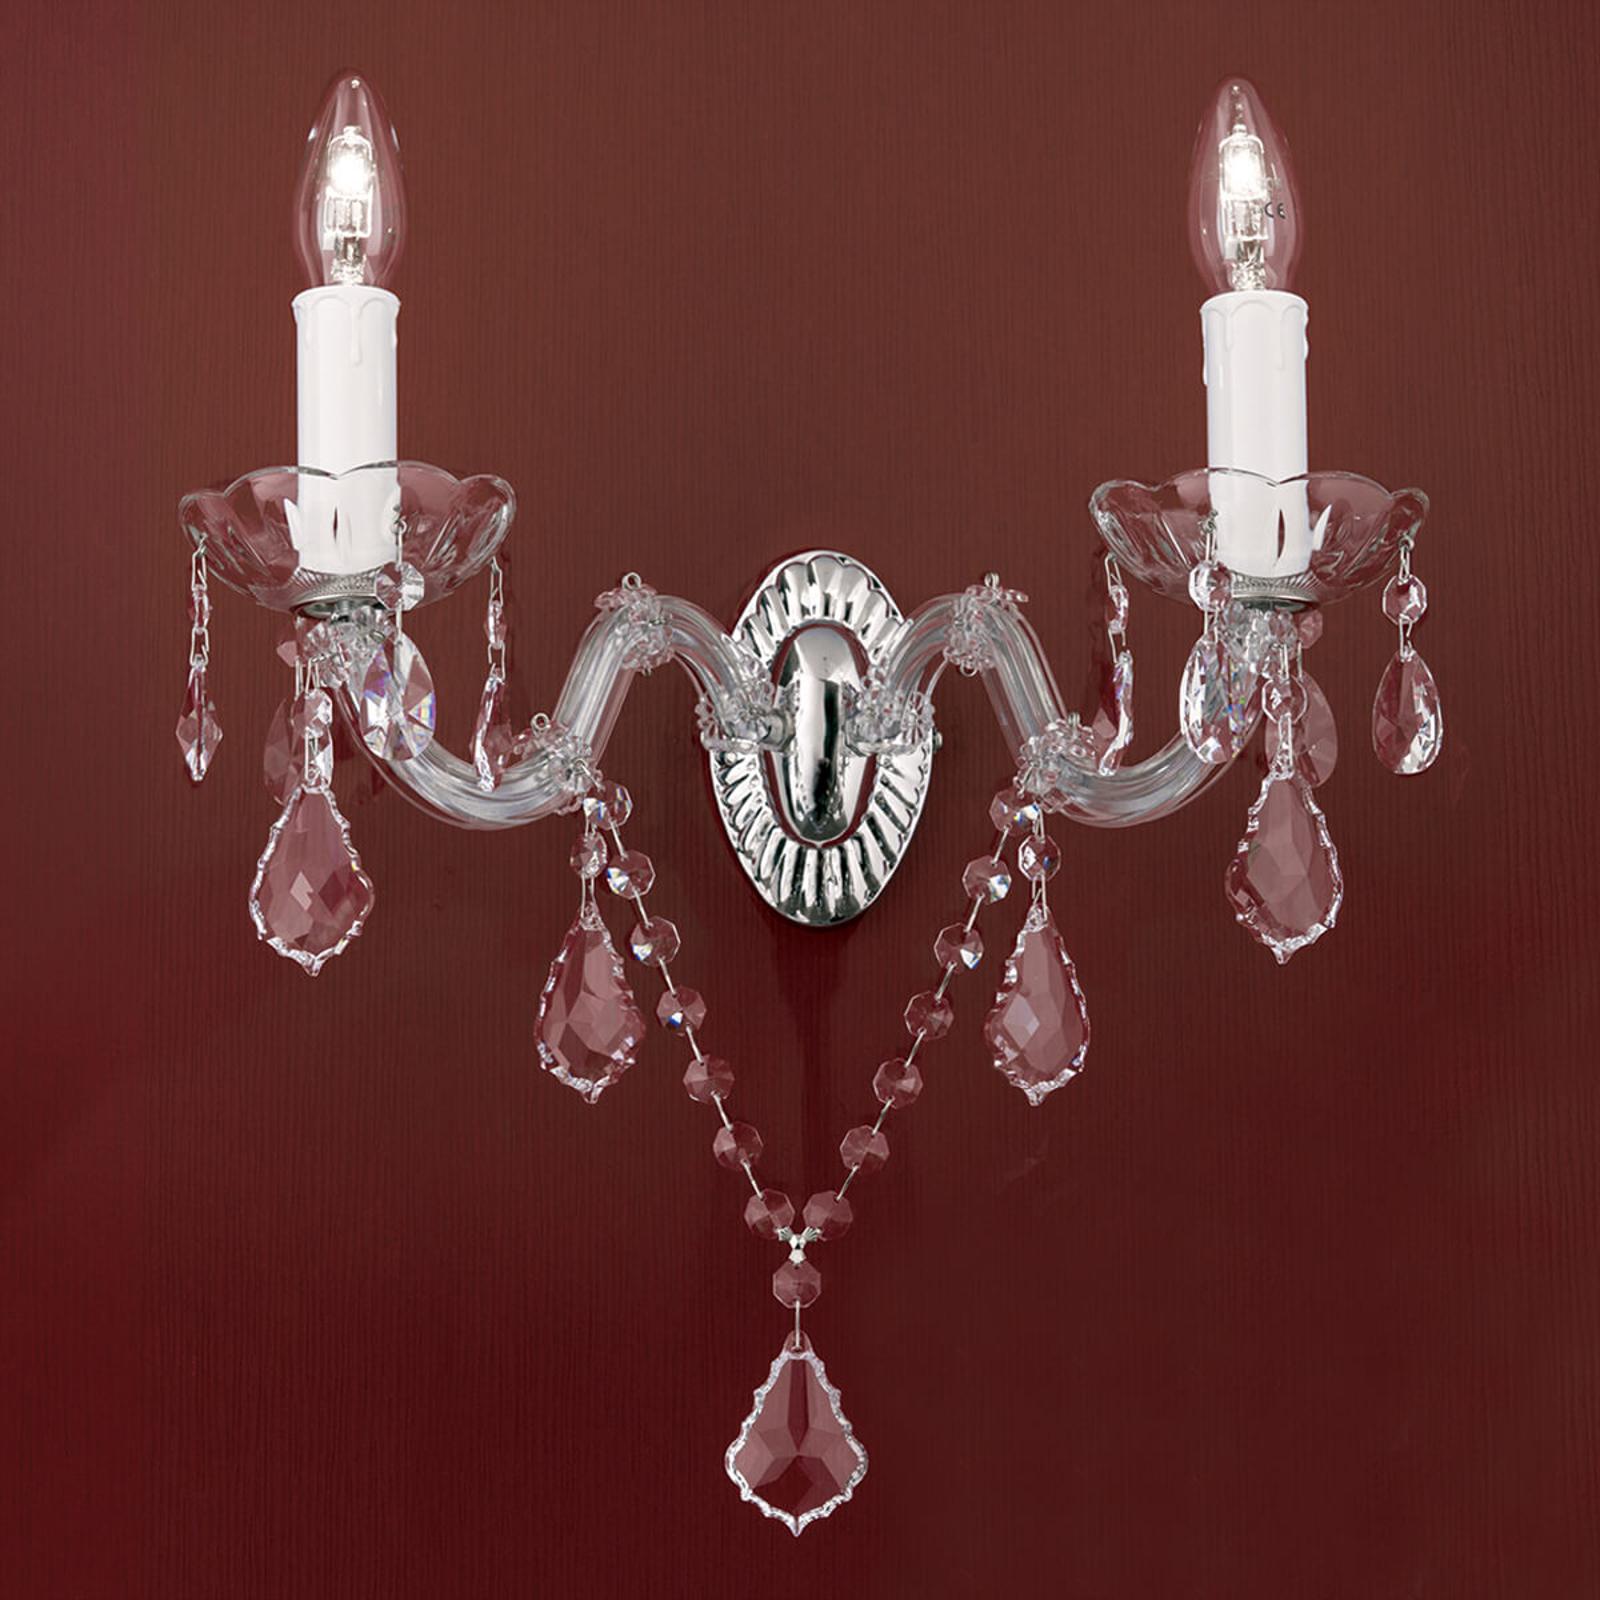 Kristal wandlamp Maria Theresia